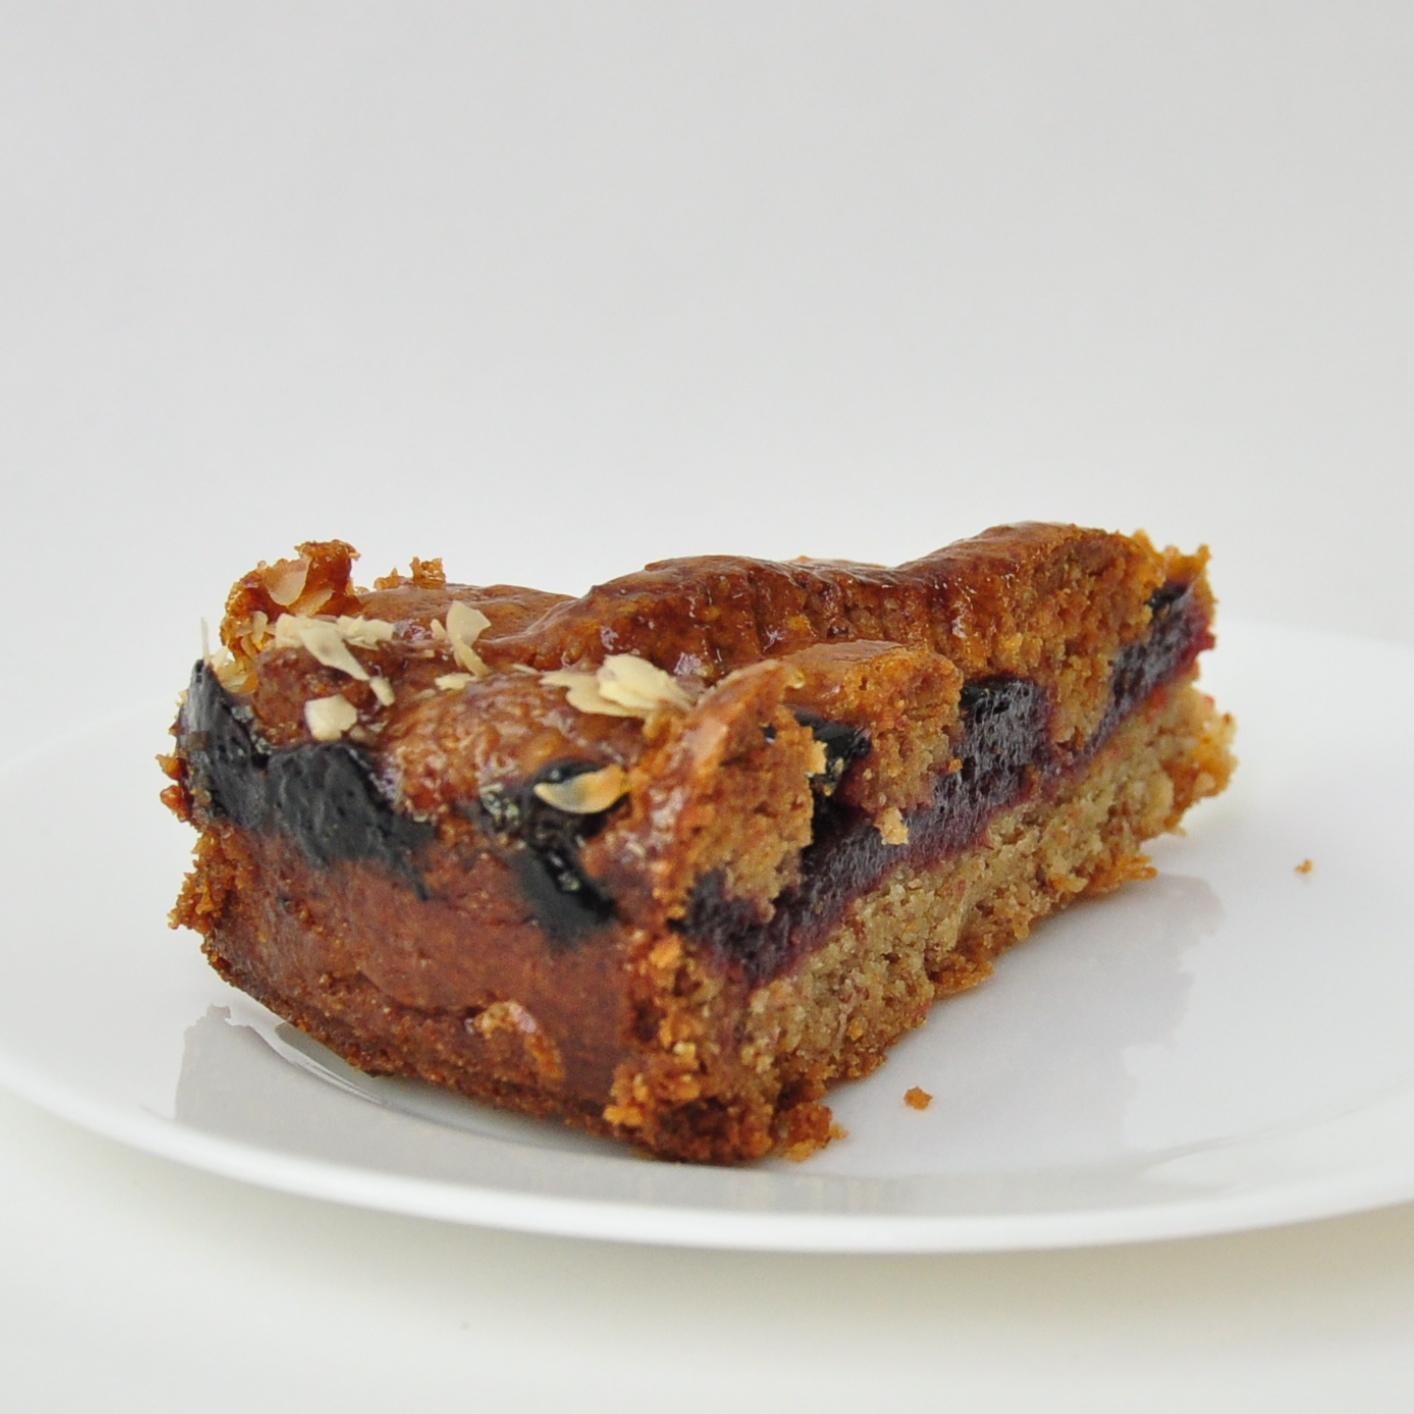 Eis-Voh-glutenfrei-Kuchen-Linzer-Torte